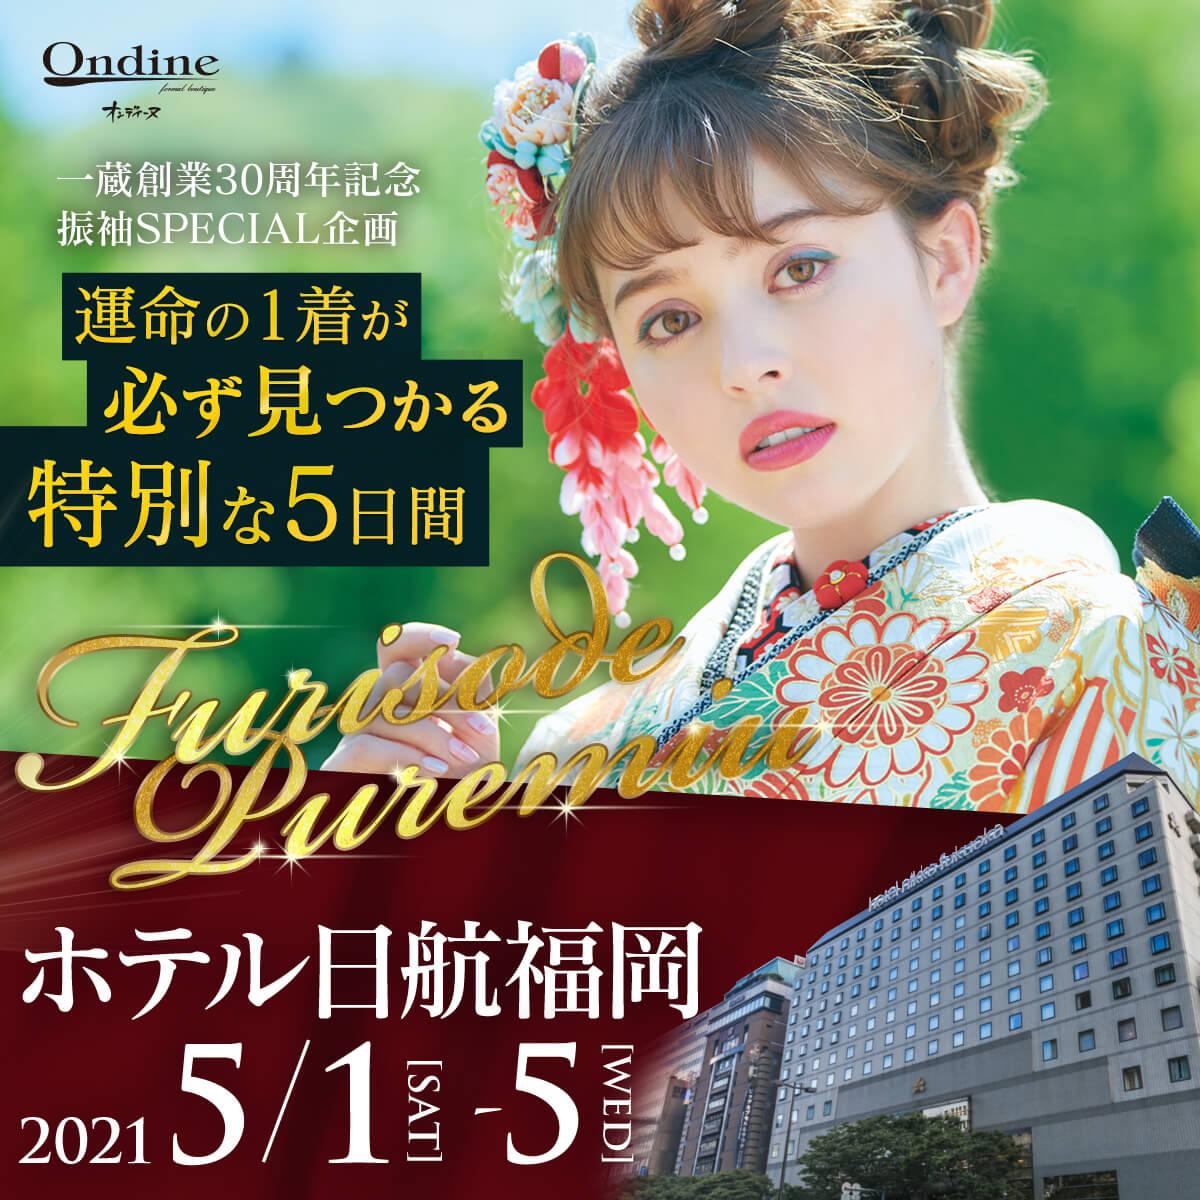 【イベント会場ご案内】振袖PREMIUM in 福岡 ホテル日航福岡